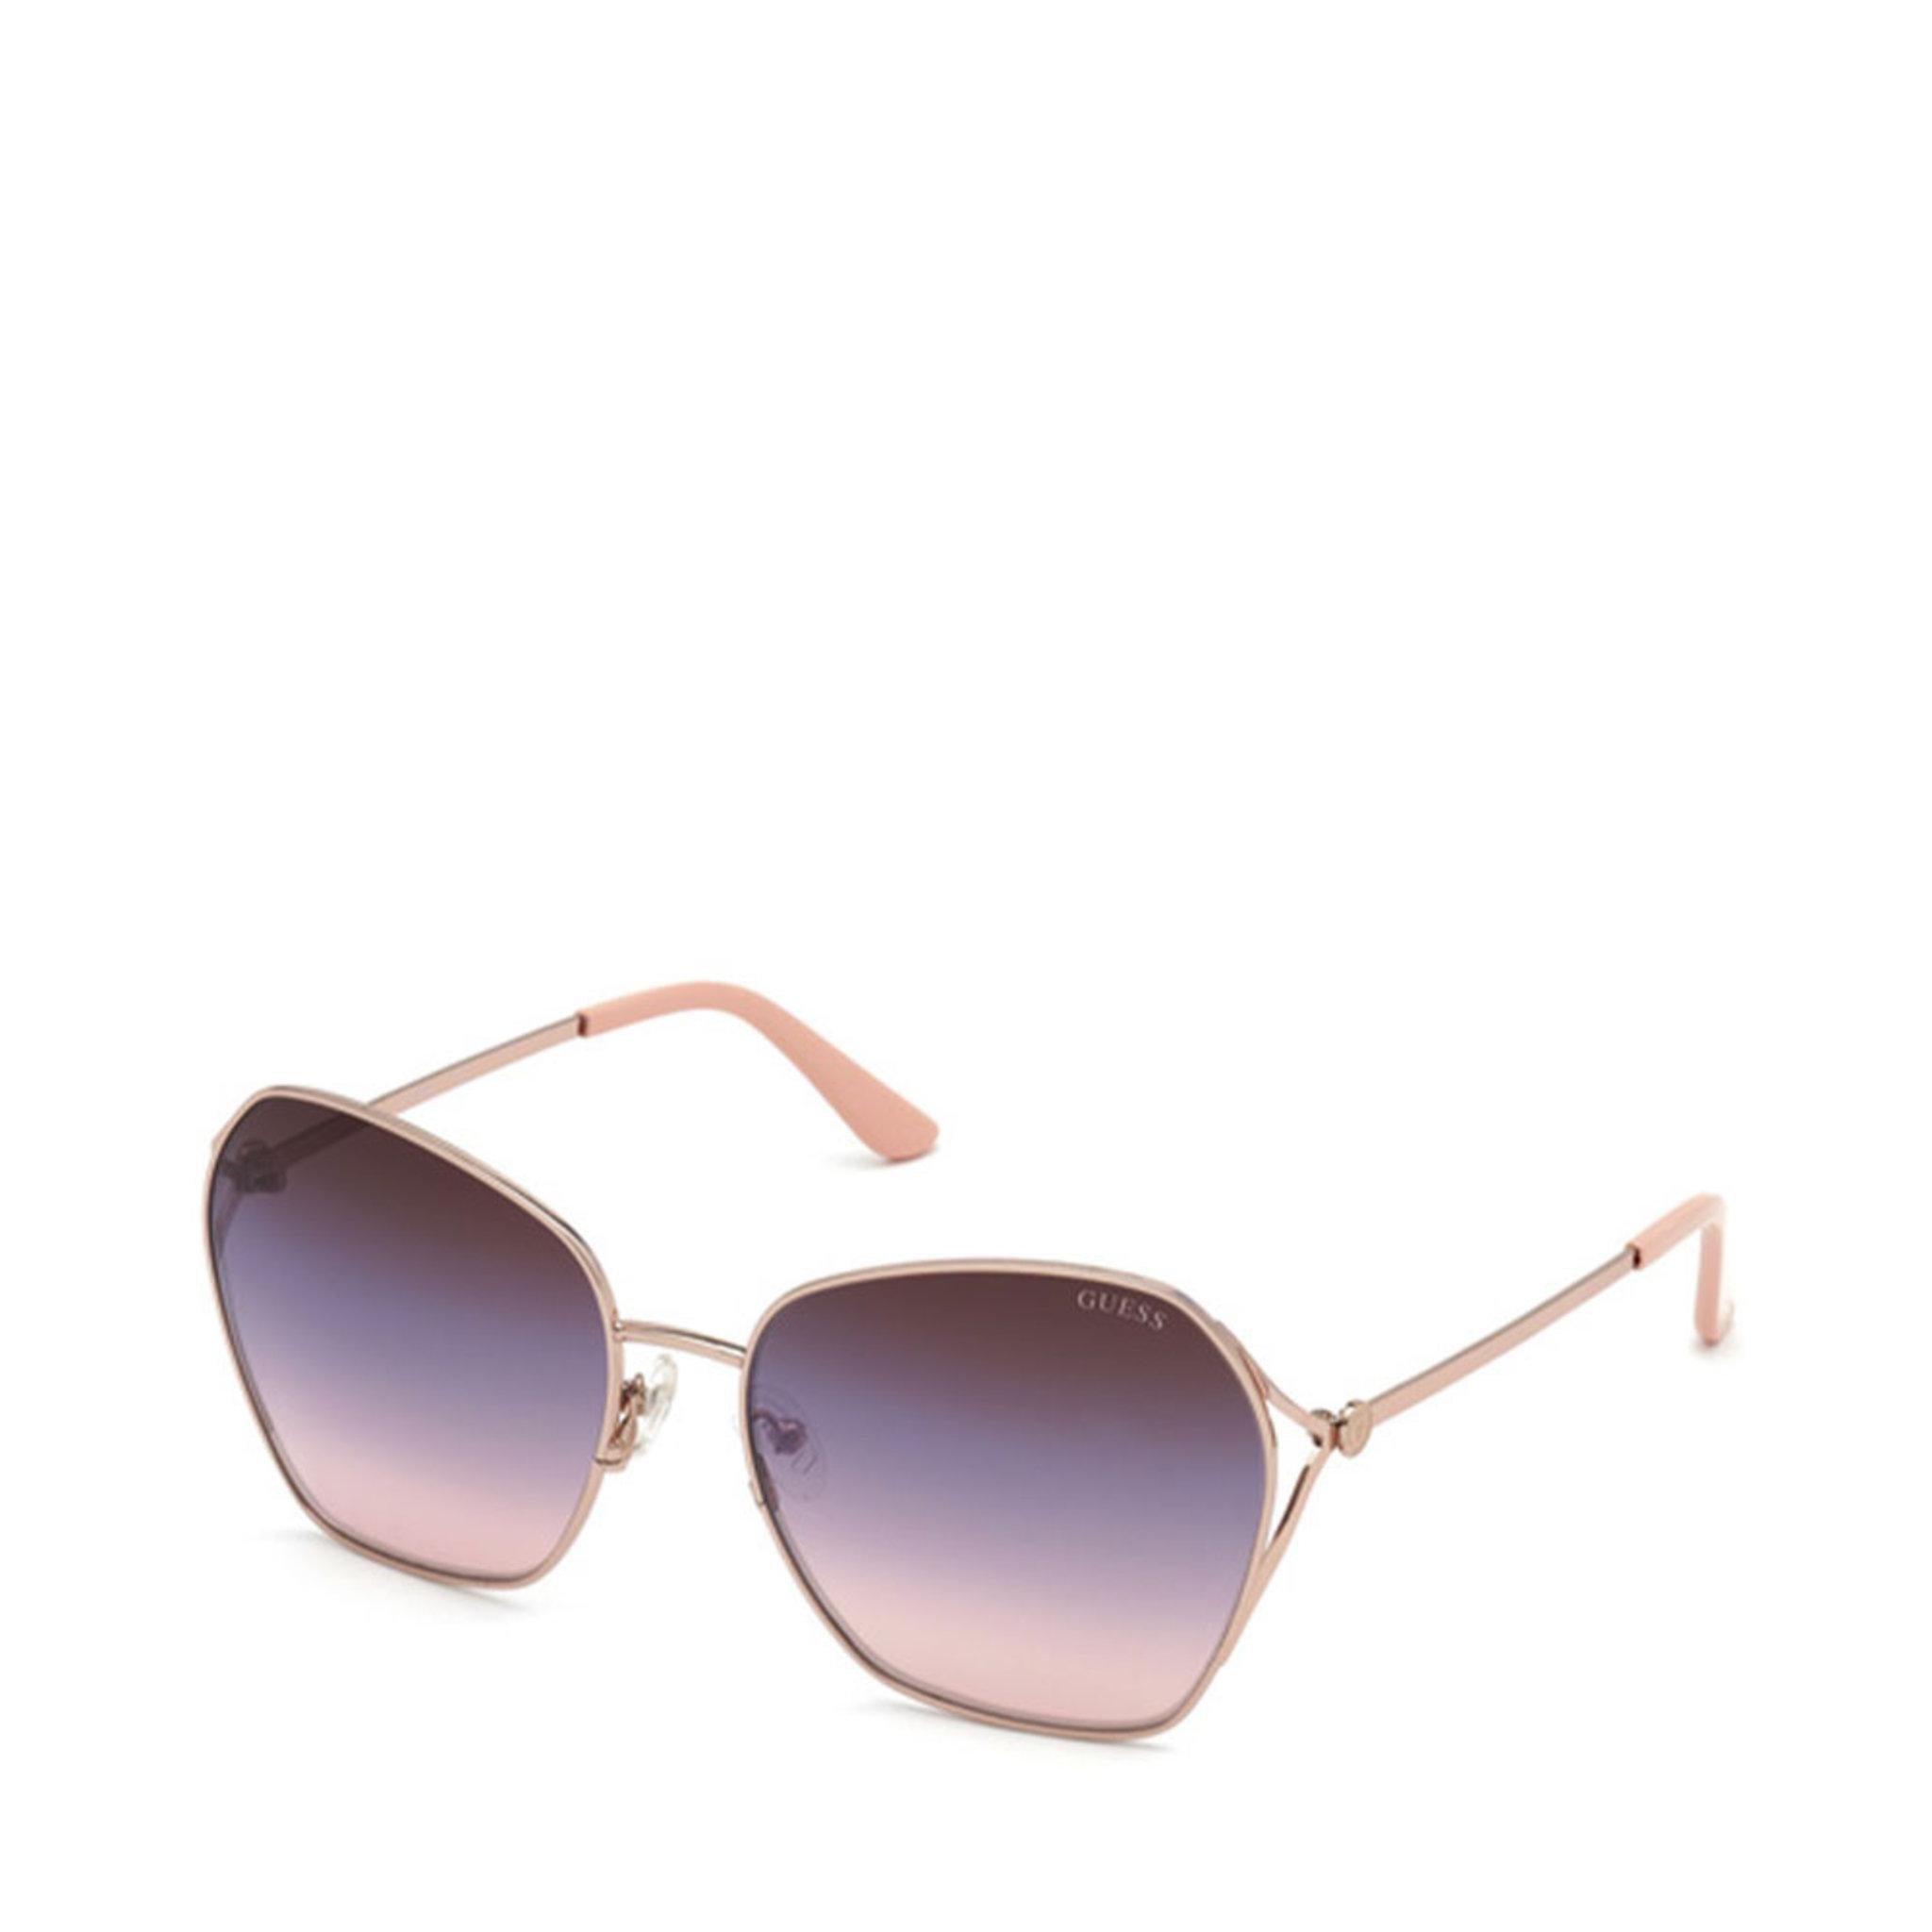 Sunglasses GU7687